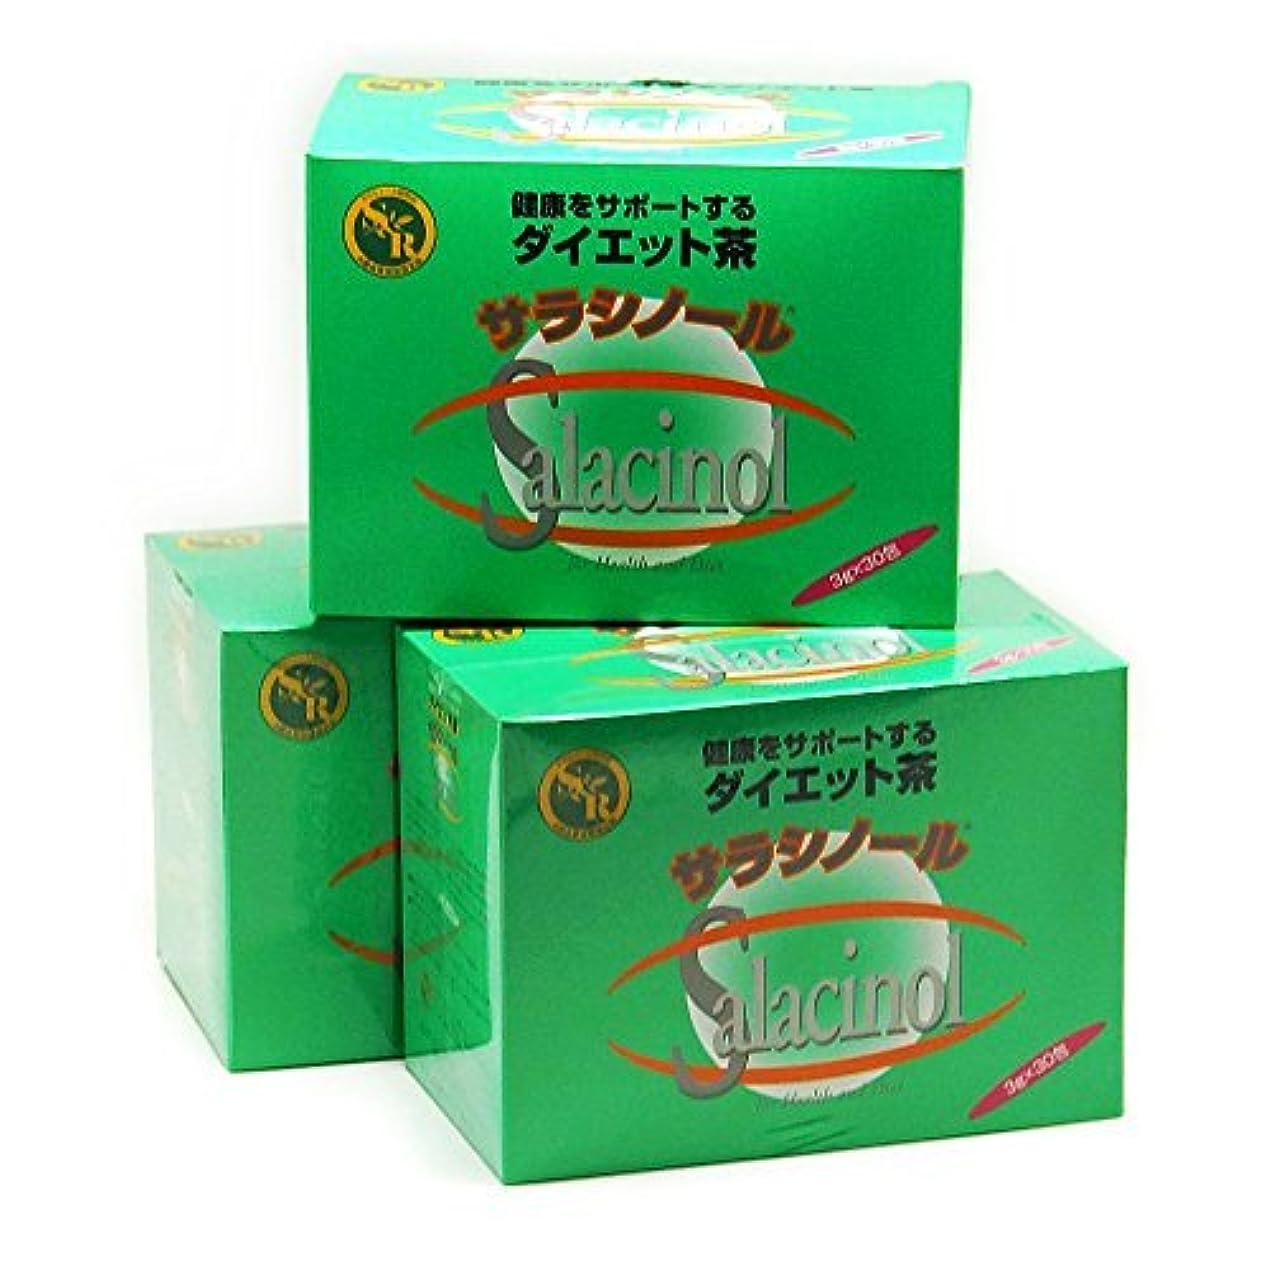 所持食品下着サラシノール茶3g×30包(ティーバック)3箱